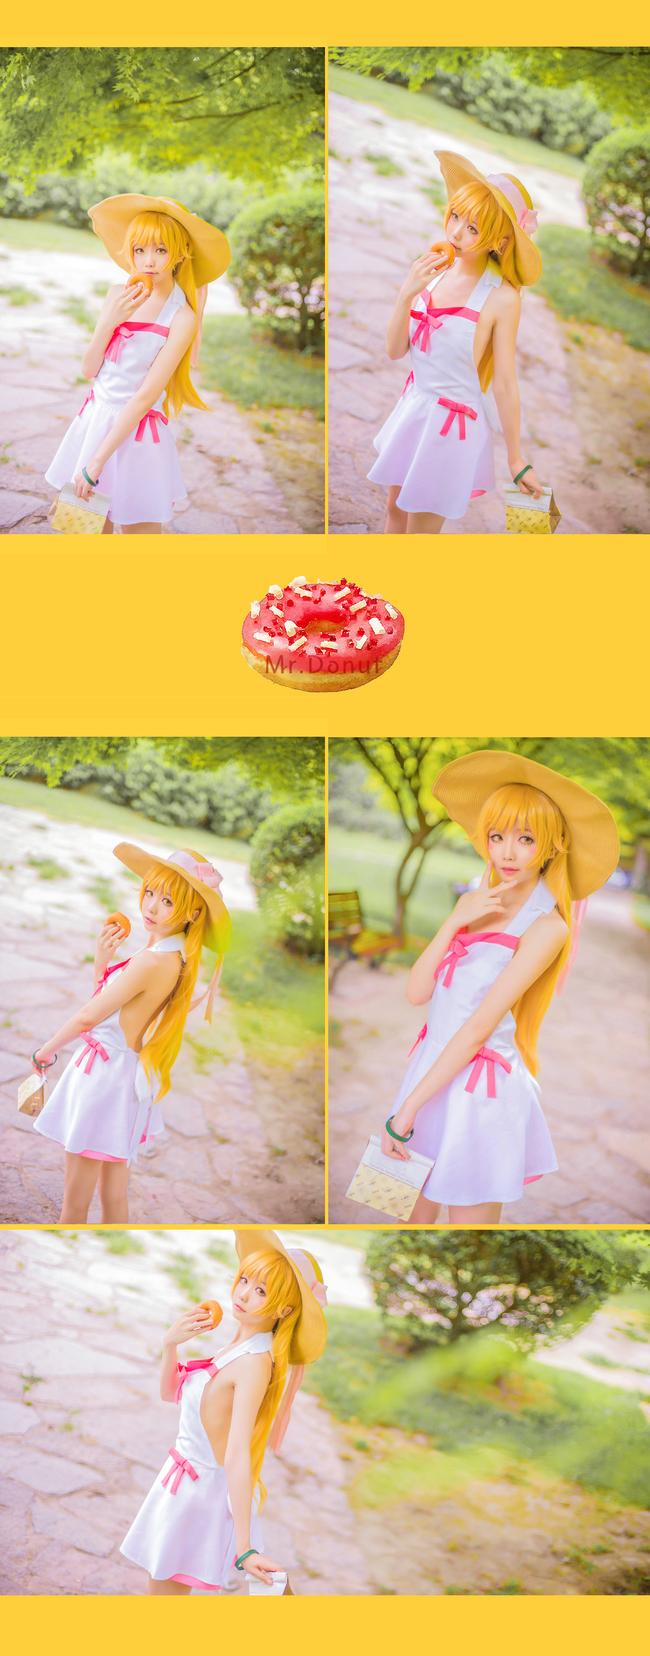 Monogatari Shinobu Oshino anime cosplay 011